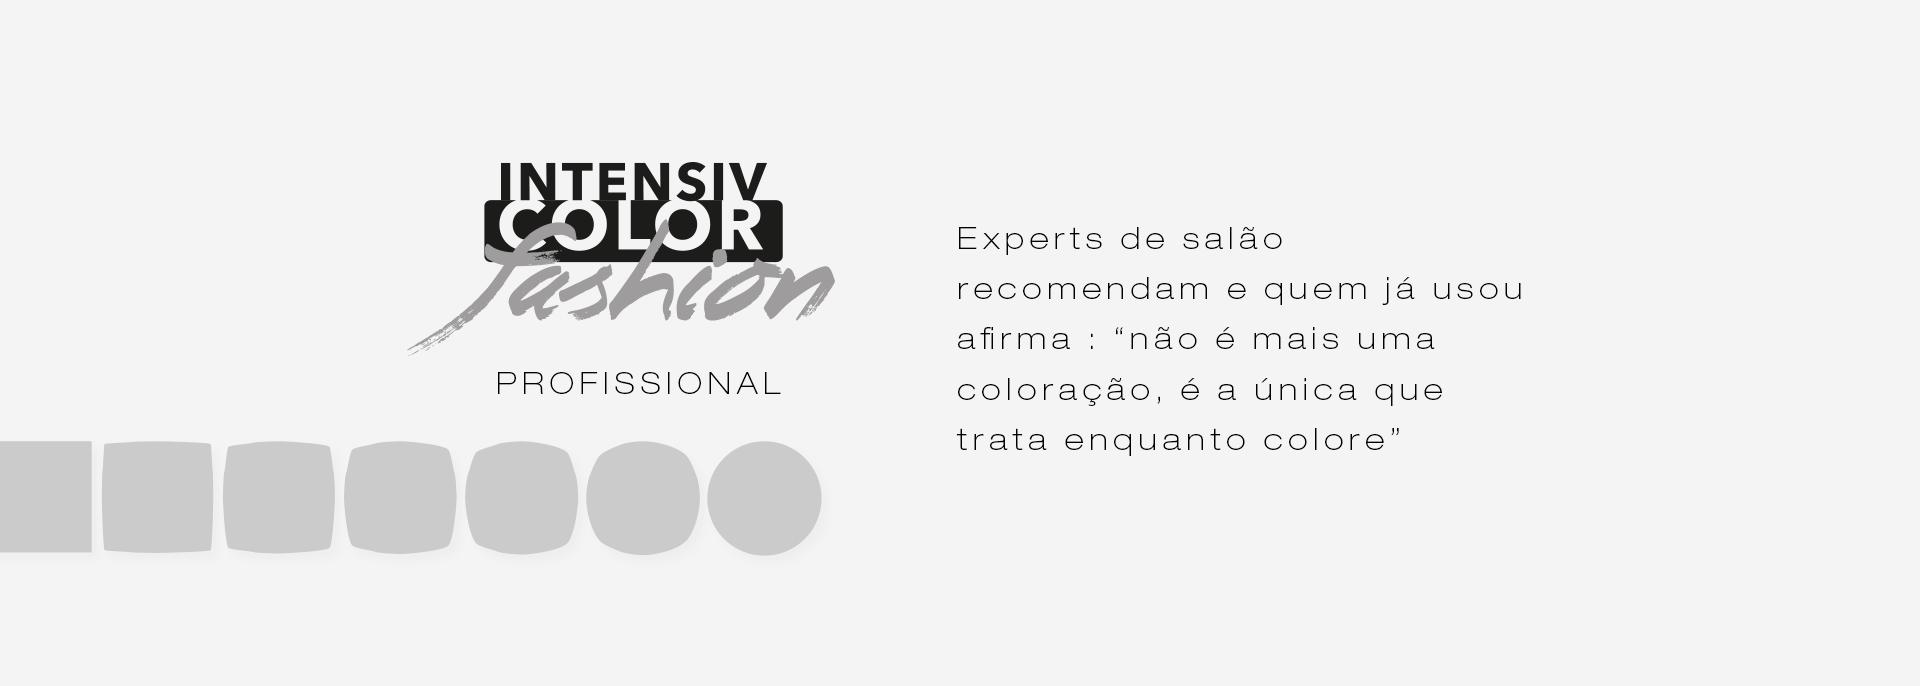 Categoria linha Intensiv Color Fashion